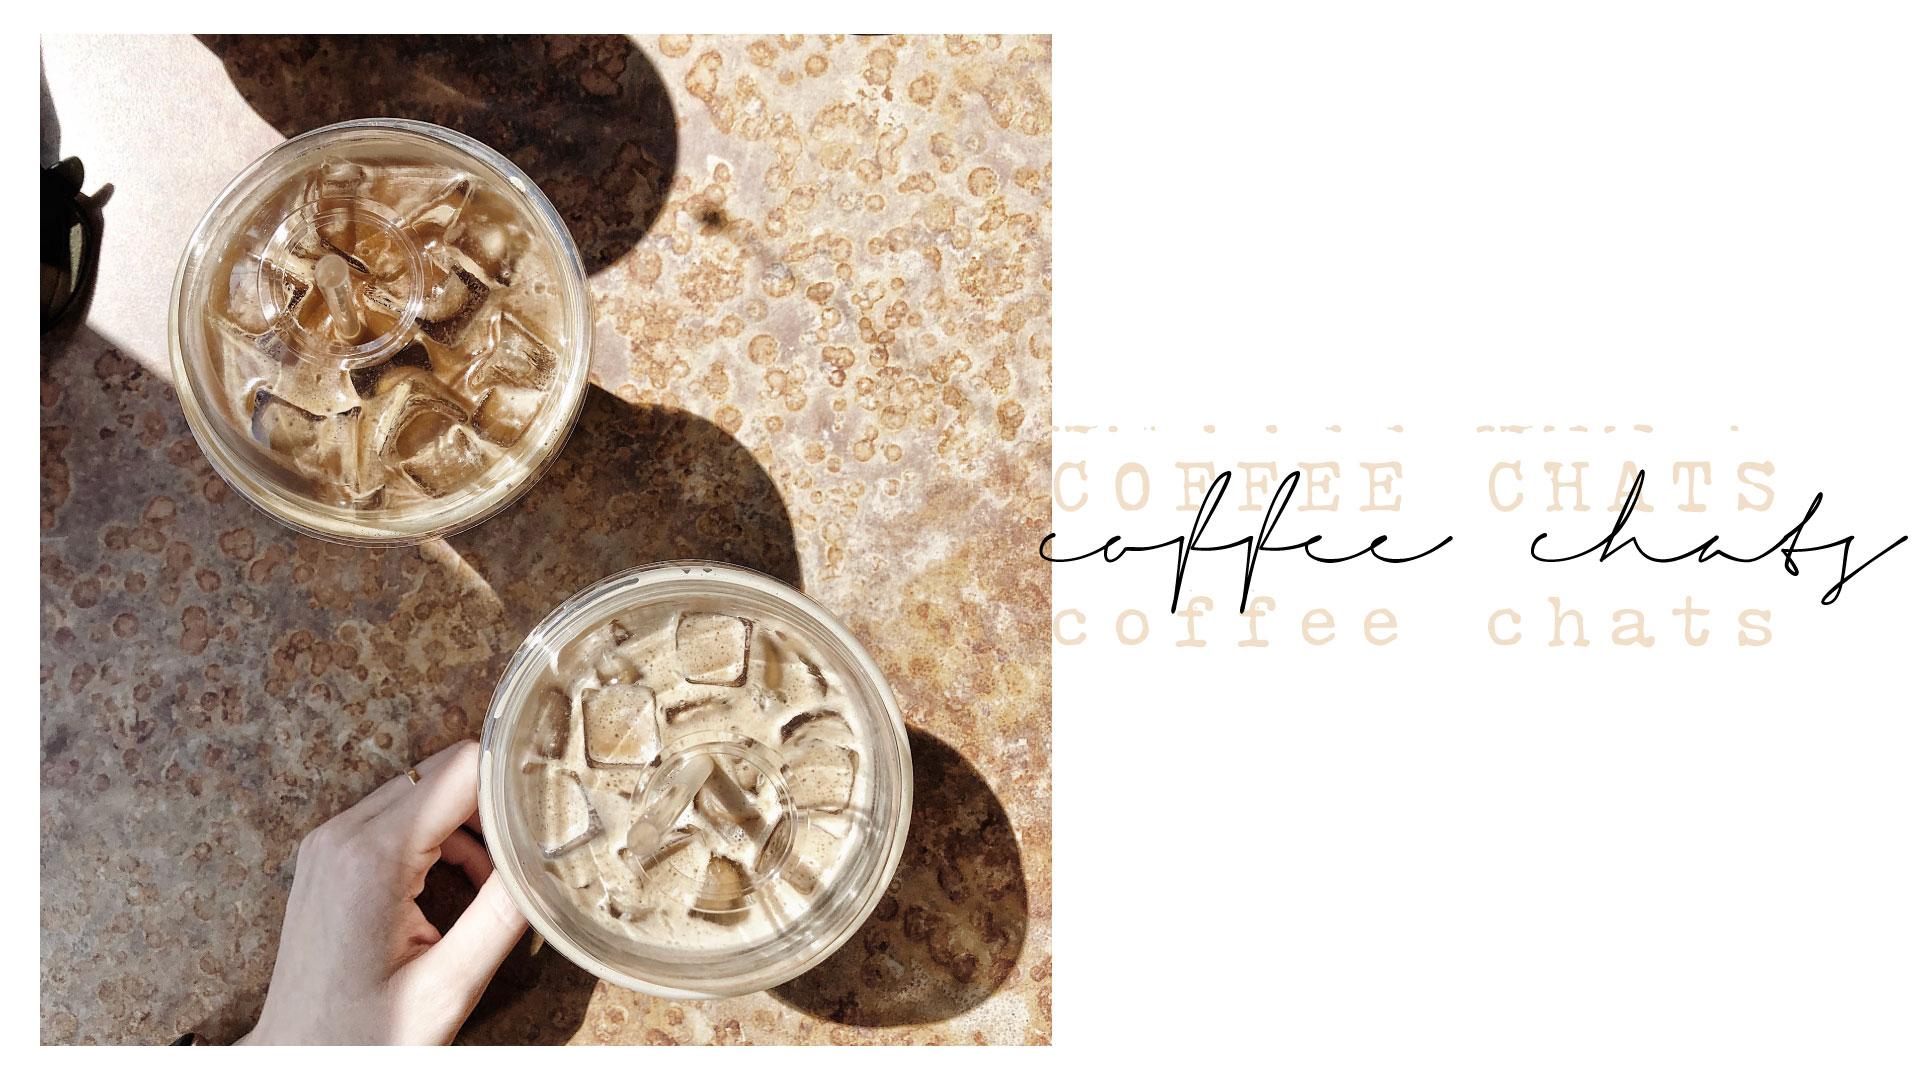 coffee-chats.jpg